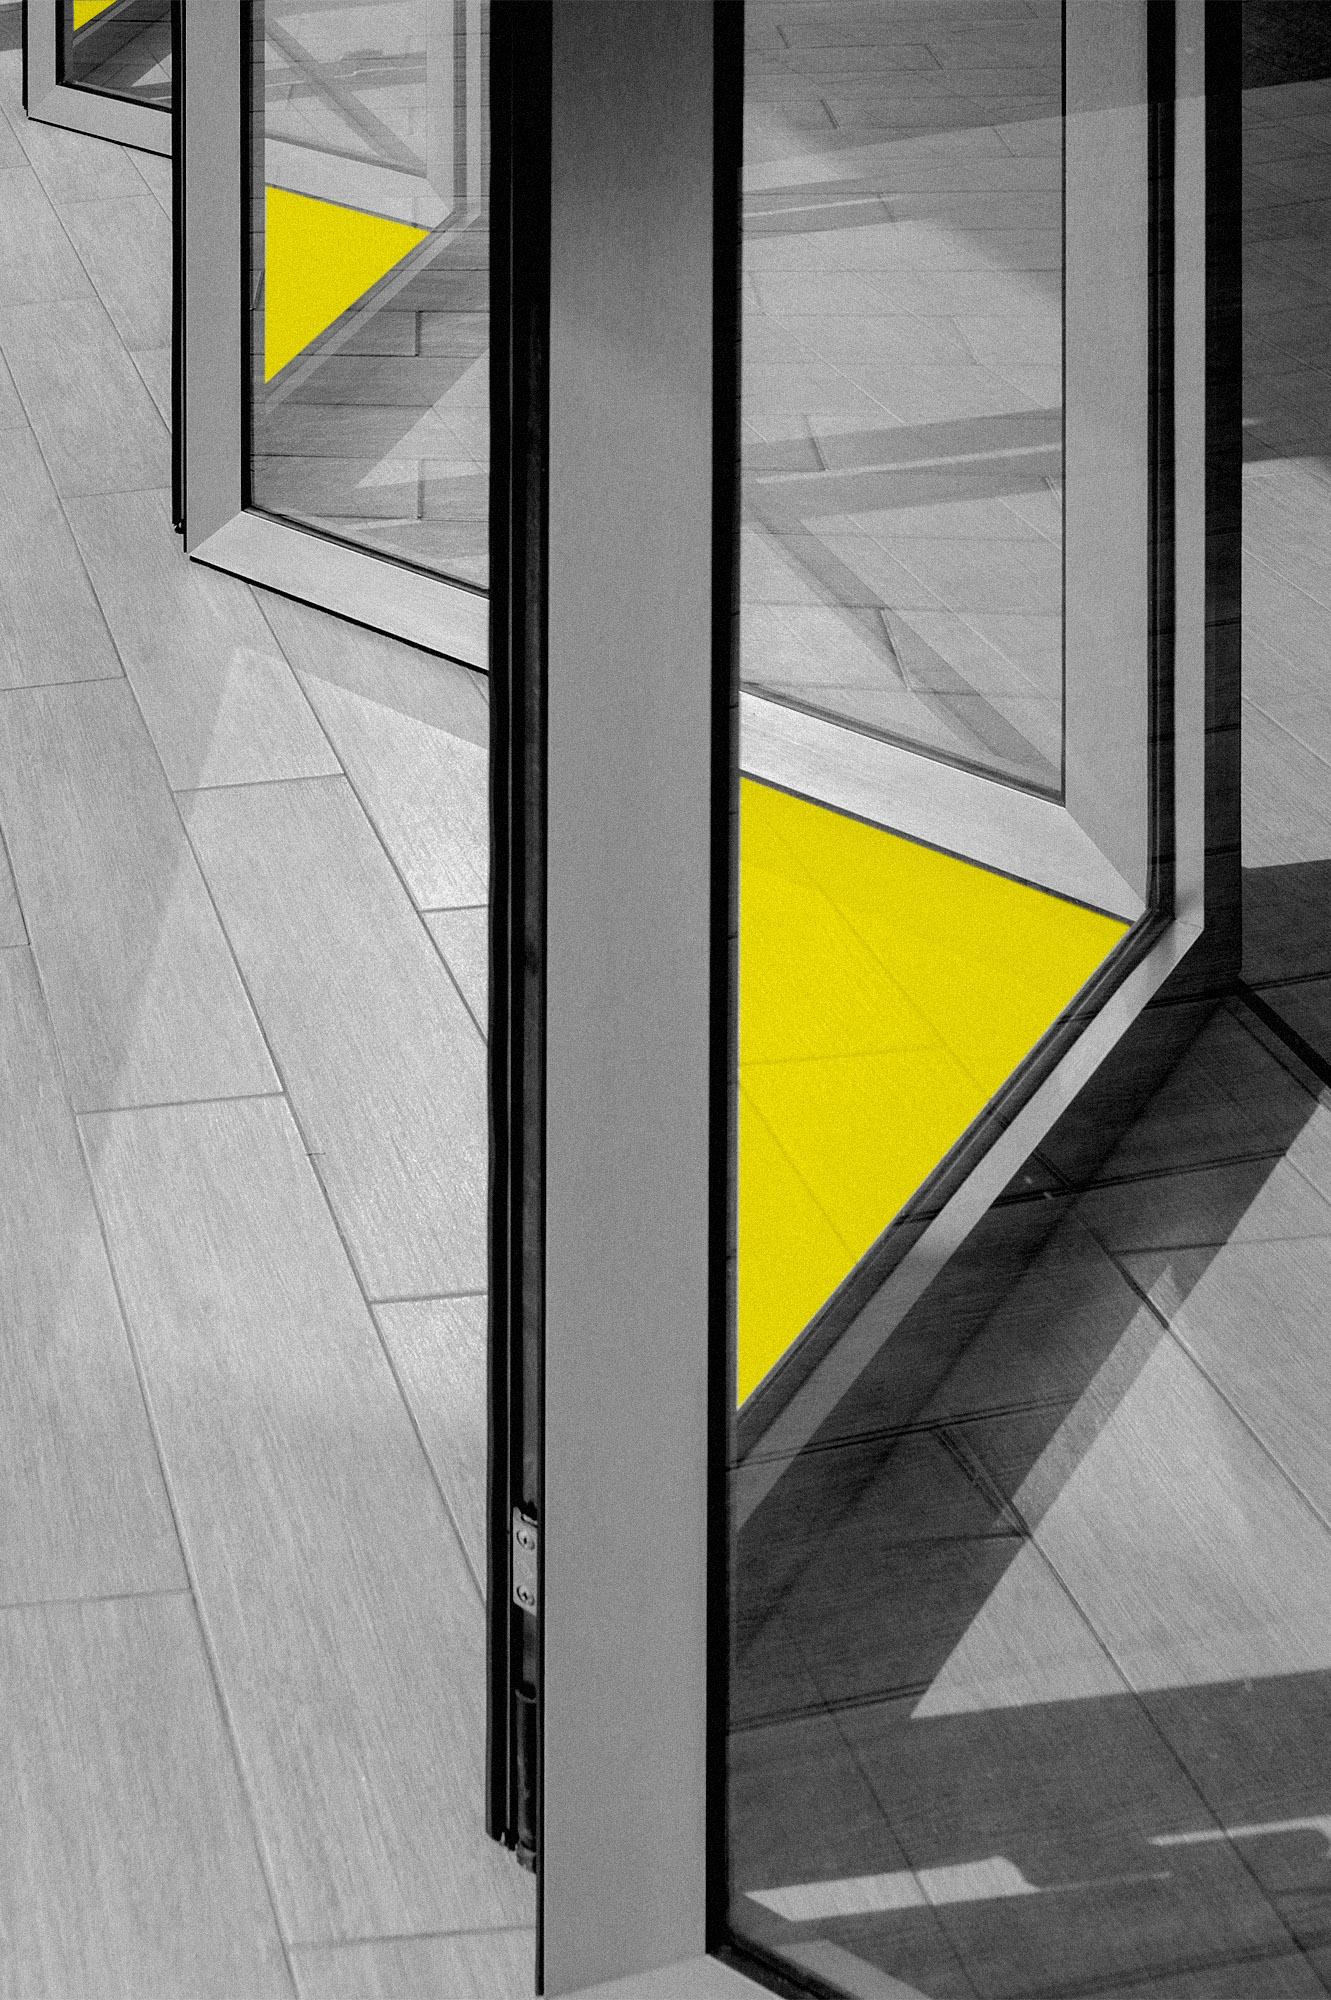 Ventanería Plegable - Puerta o ventana de diseño semejante a las persianas, ya que sus hojas de vidrio se despliegan o se contraen de manera uniforme, lo cual permite regular la entrada de luz y de viento al espacio donde se encuentre.